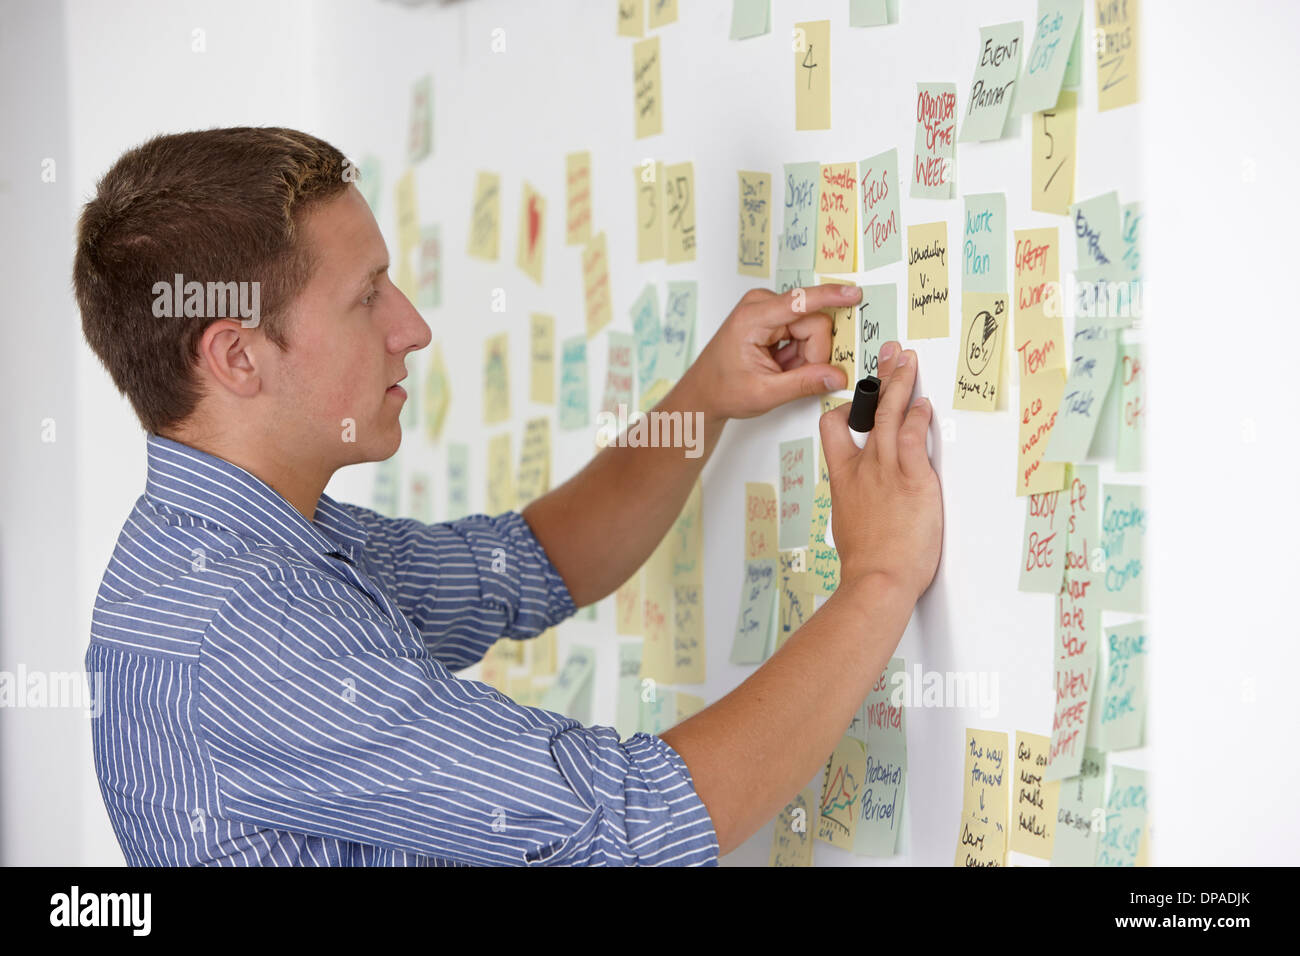 Jeune homme coller images sur mur Photo Stock